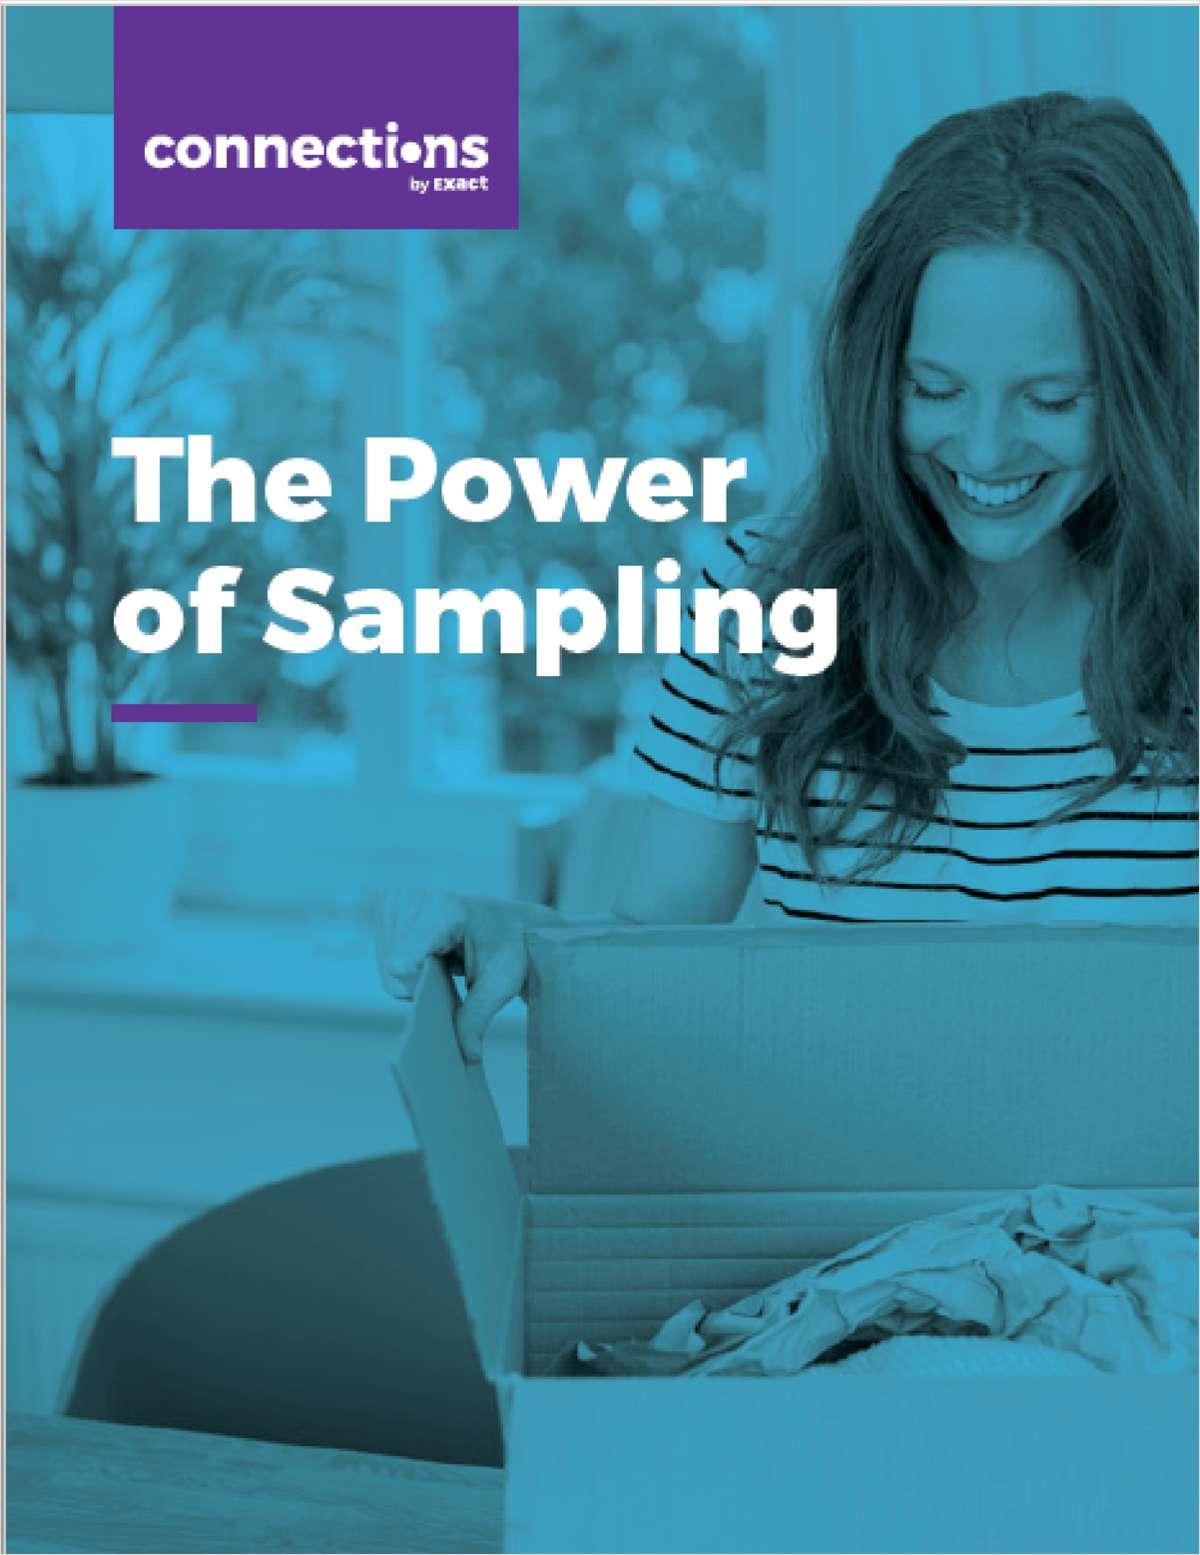 The Power of Sampling